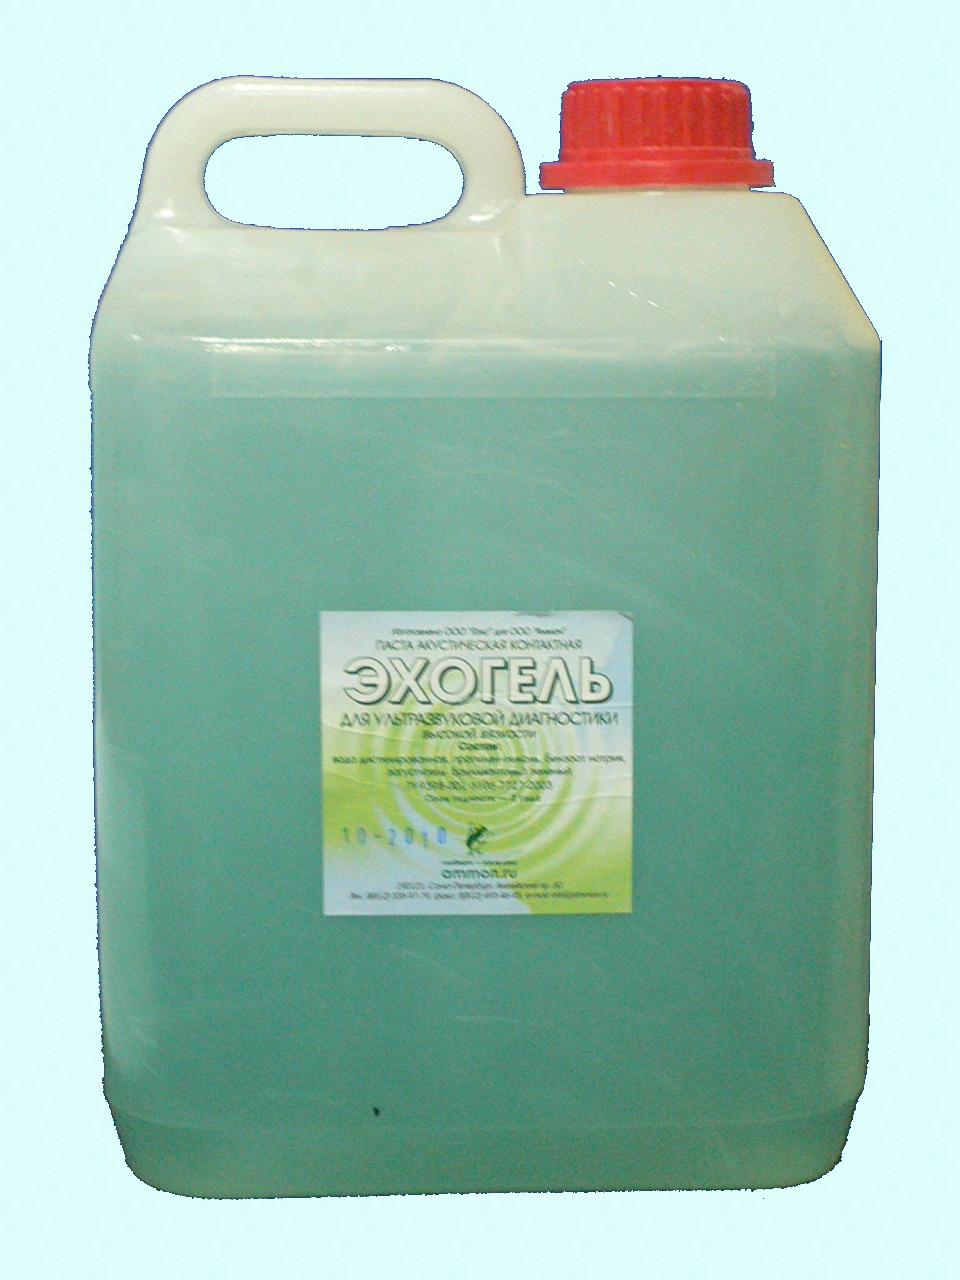 Эхогель, гель УЗИ высокой вязкости, 5 кг